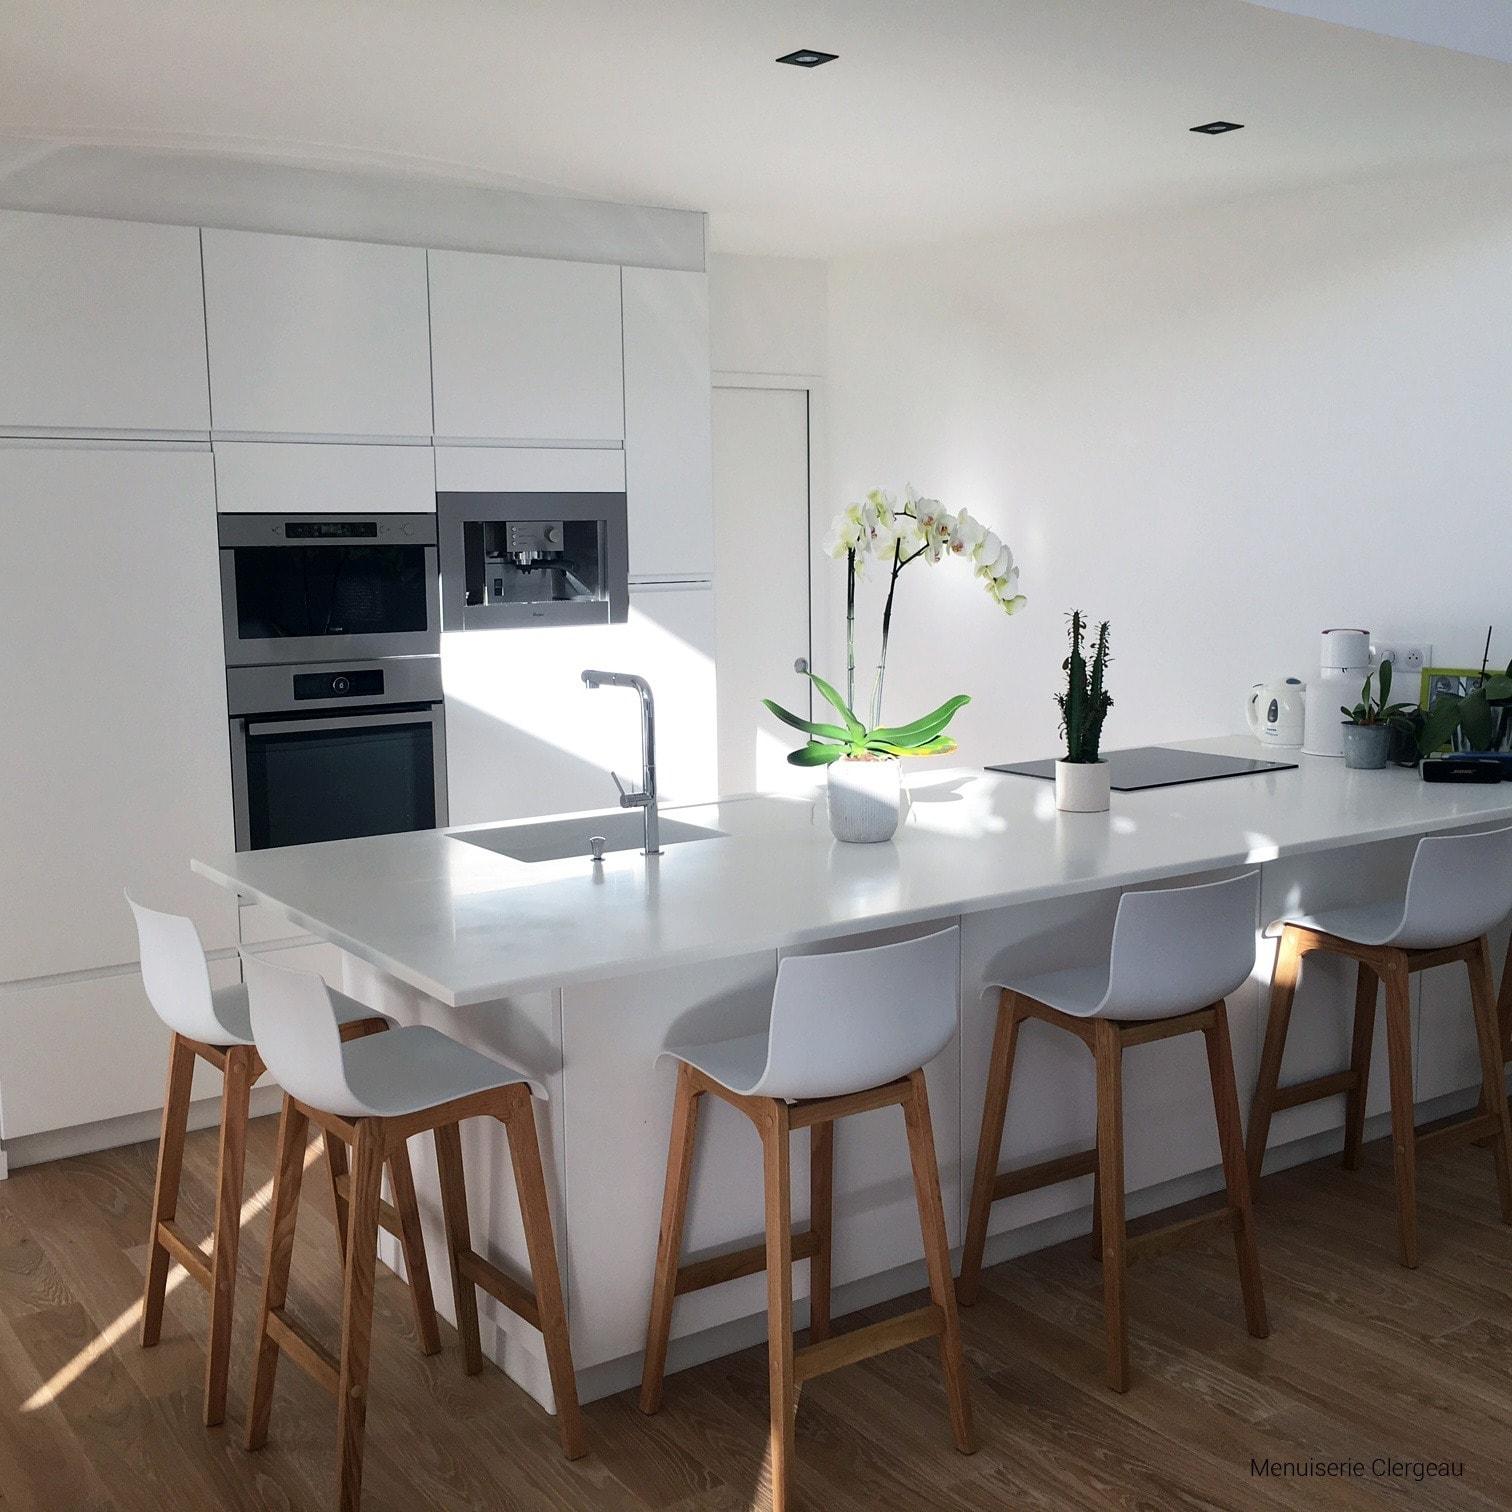 plan ilot de cuisine – Corian Glacier White – Menuiserie Clergeau – BF PRO